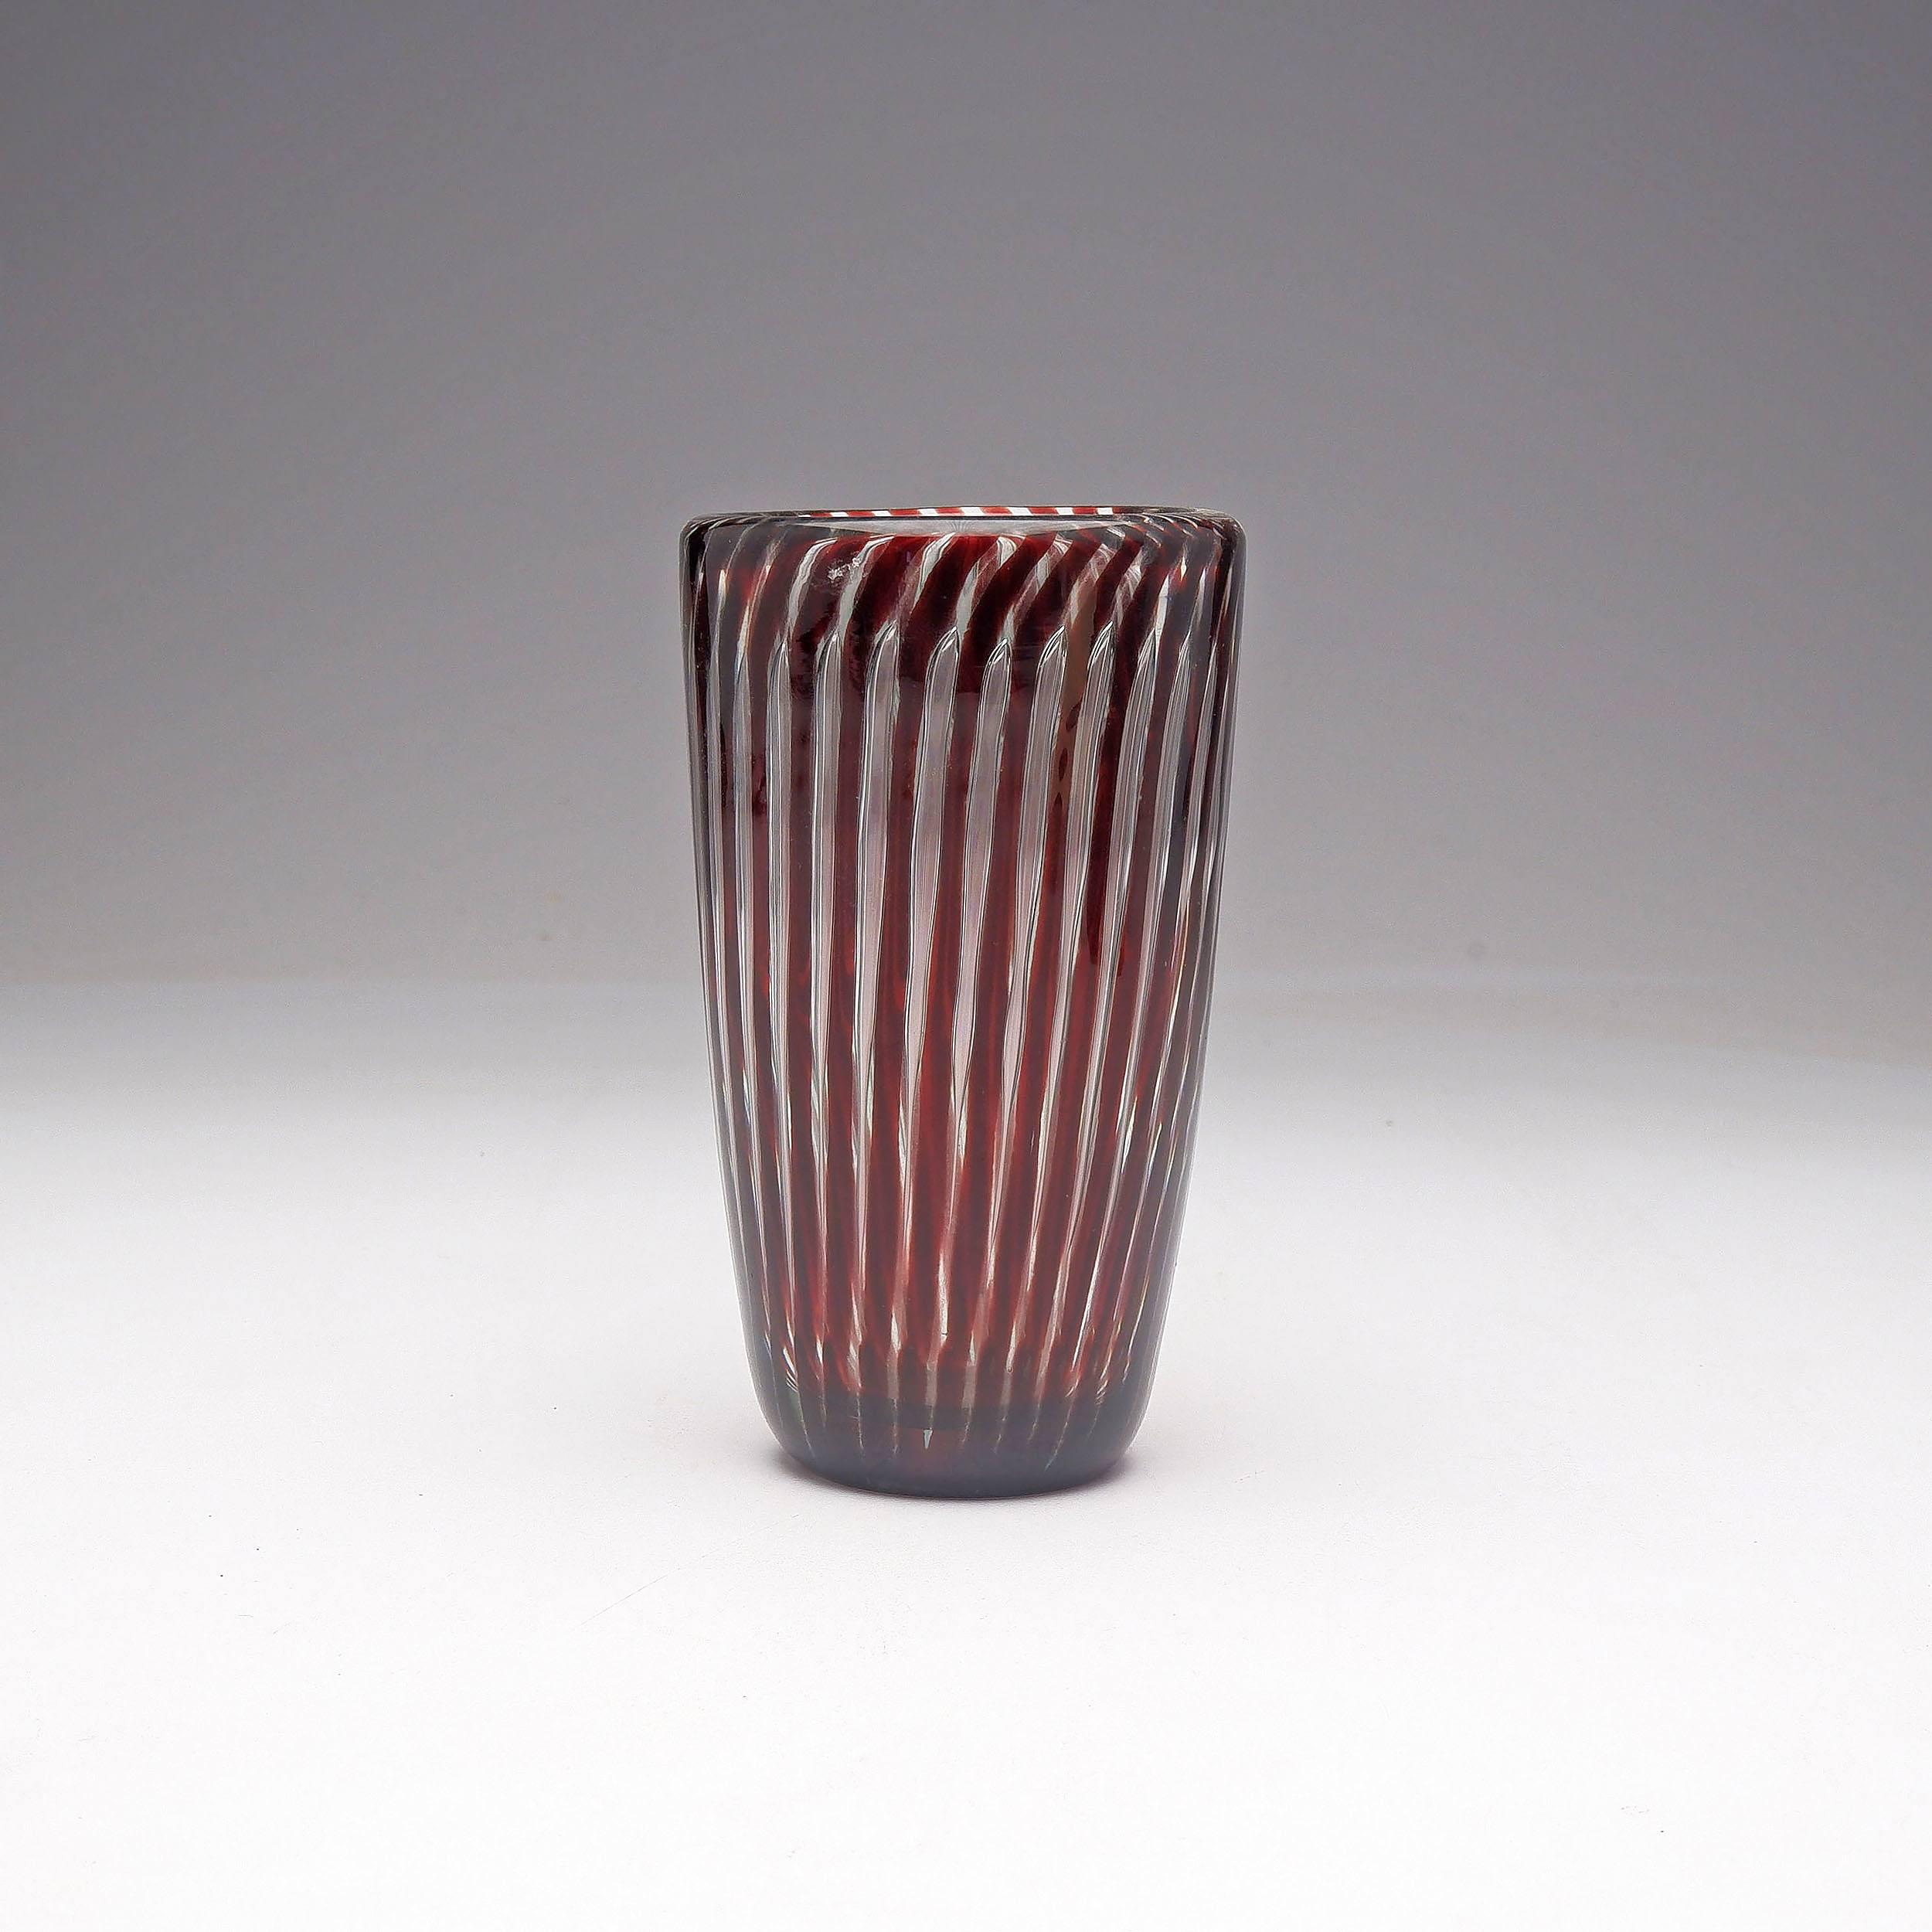 'Edvin Ohrstrom (1906-1994) Ariel Vase for Orrefors'